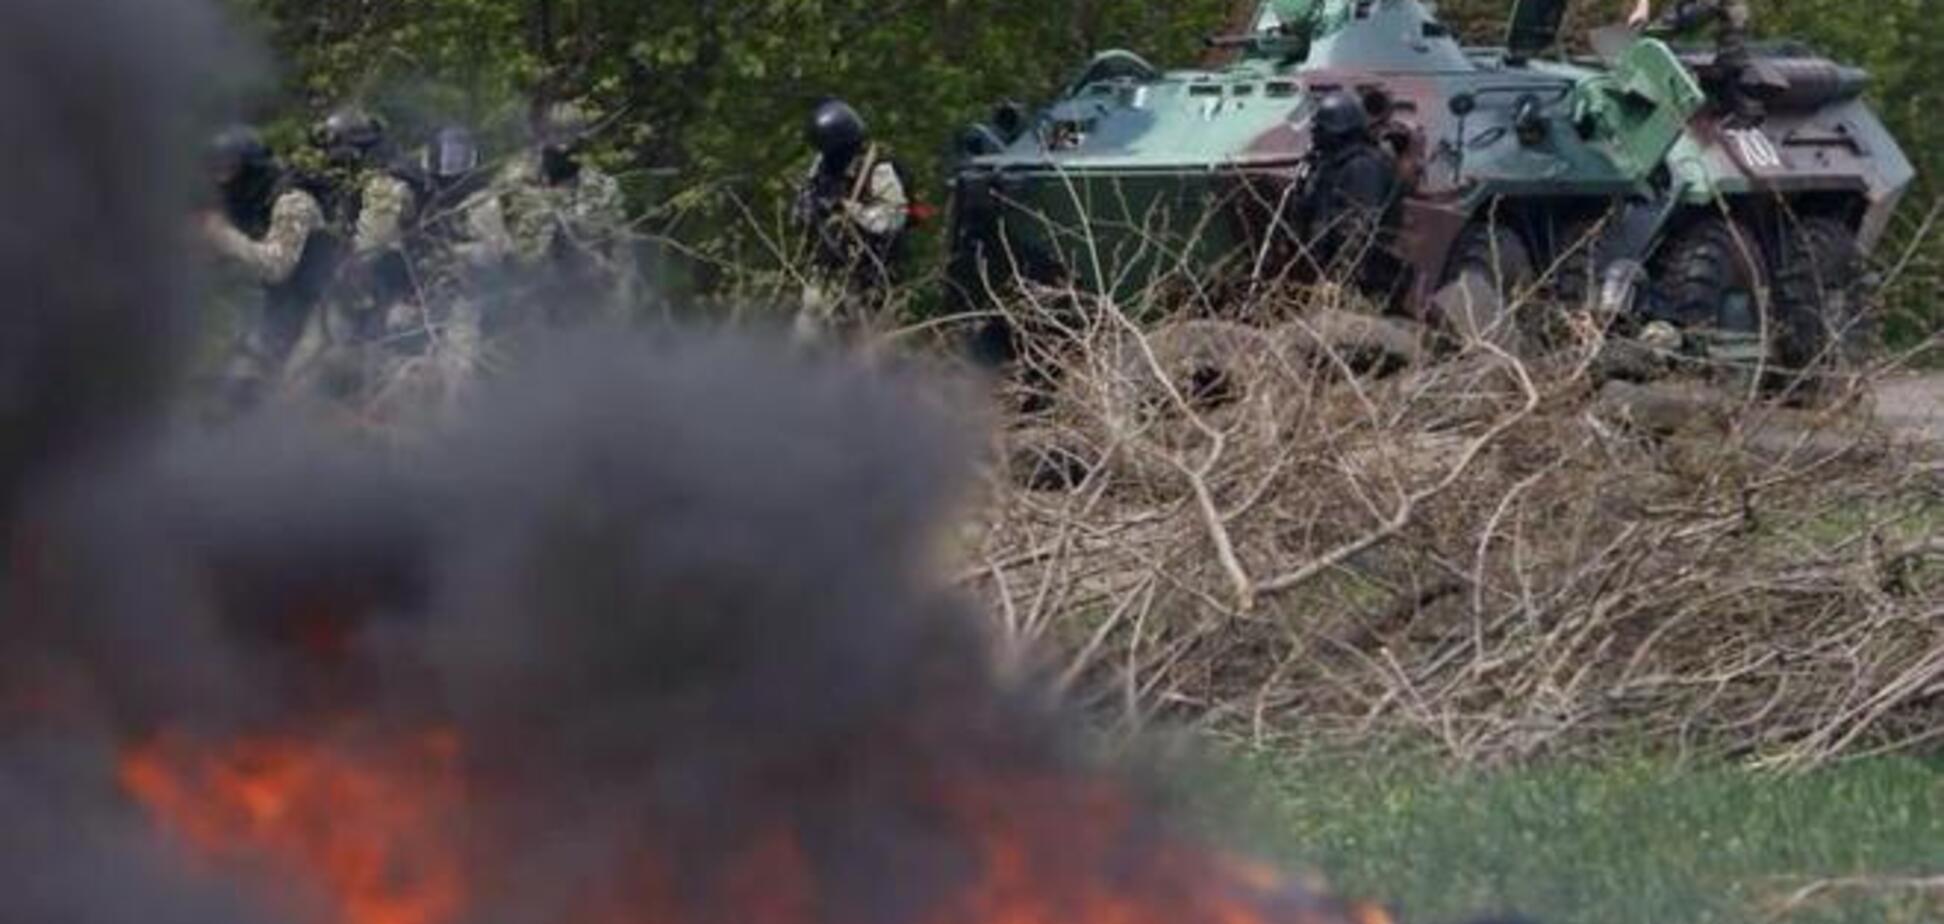 На Донбасі триває активна фаза АТО. Знищено 300 терористів - Селезньов